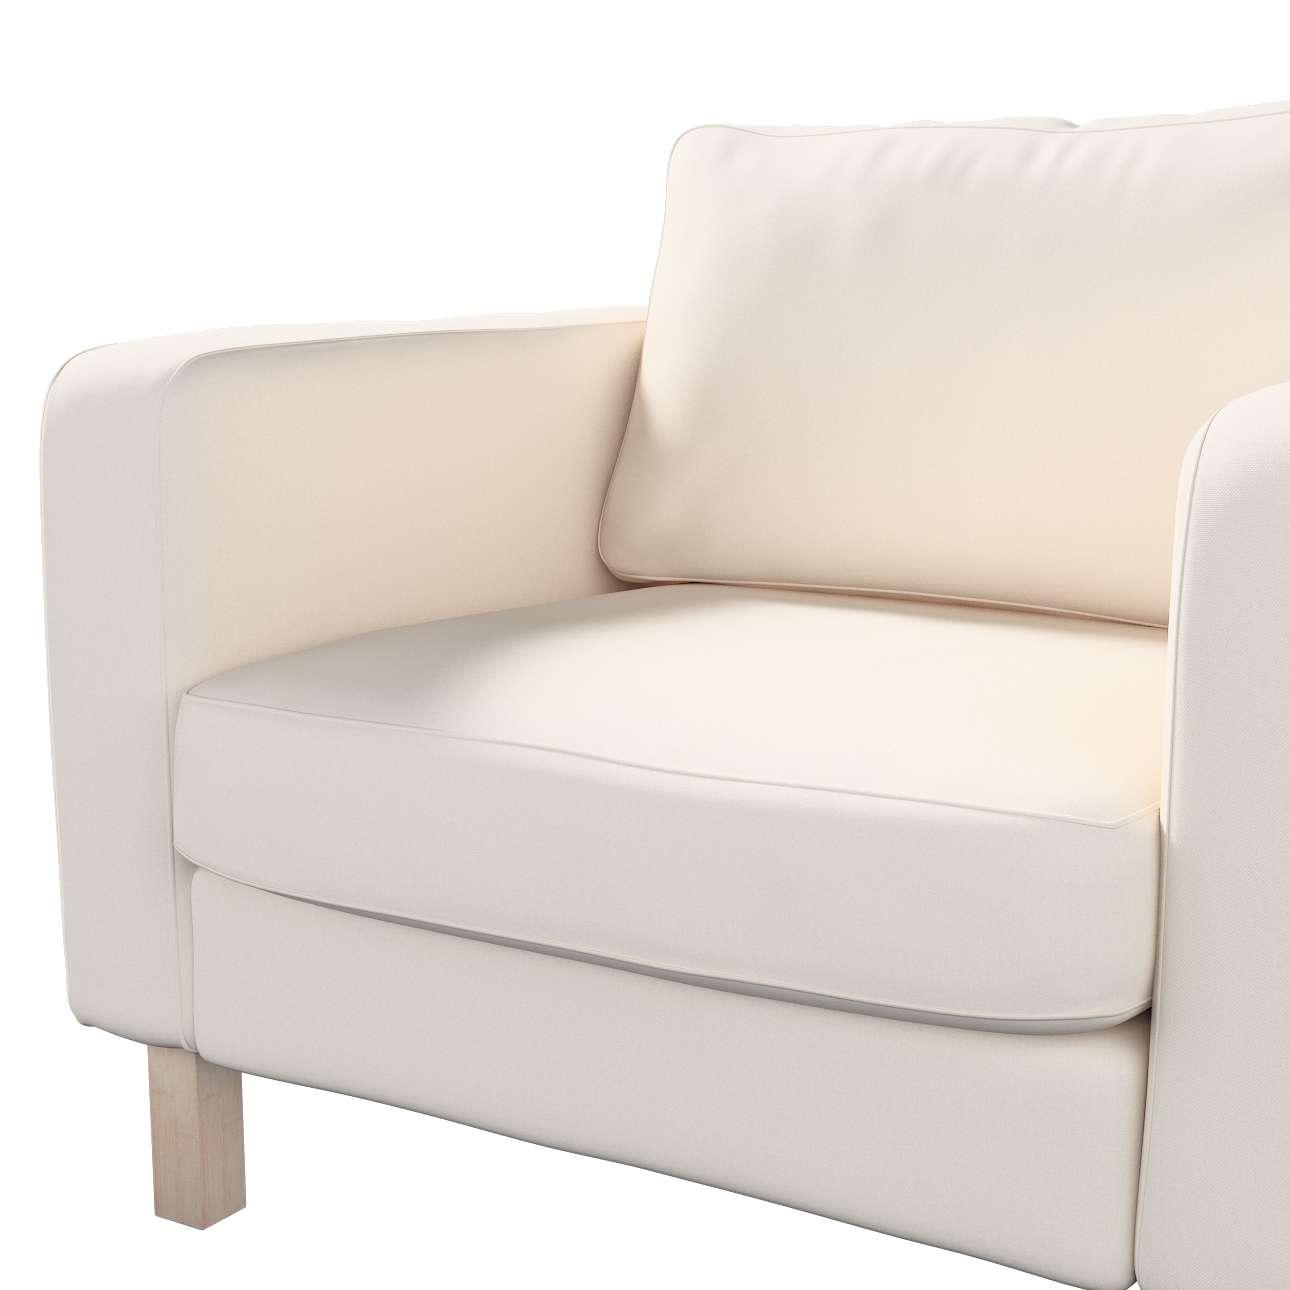 Karlstad päällinen nojatuoli mallistosta Etna - ei verhoihin, Kangas: 705-01